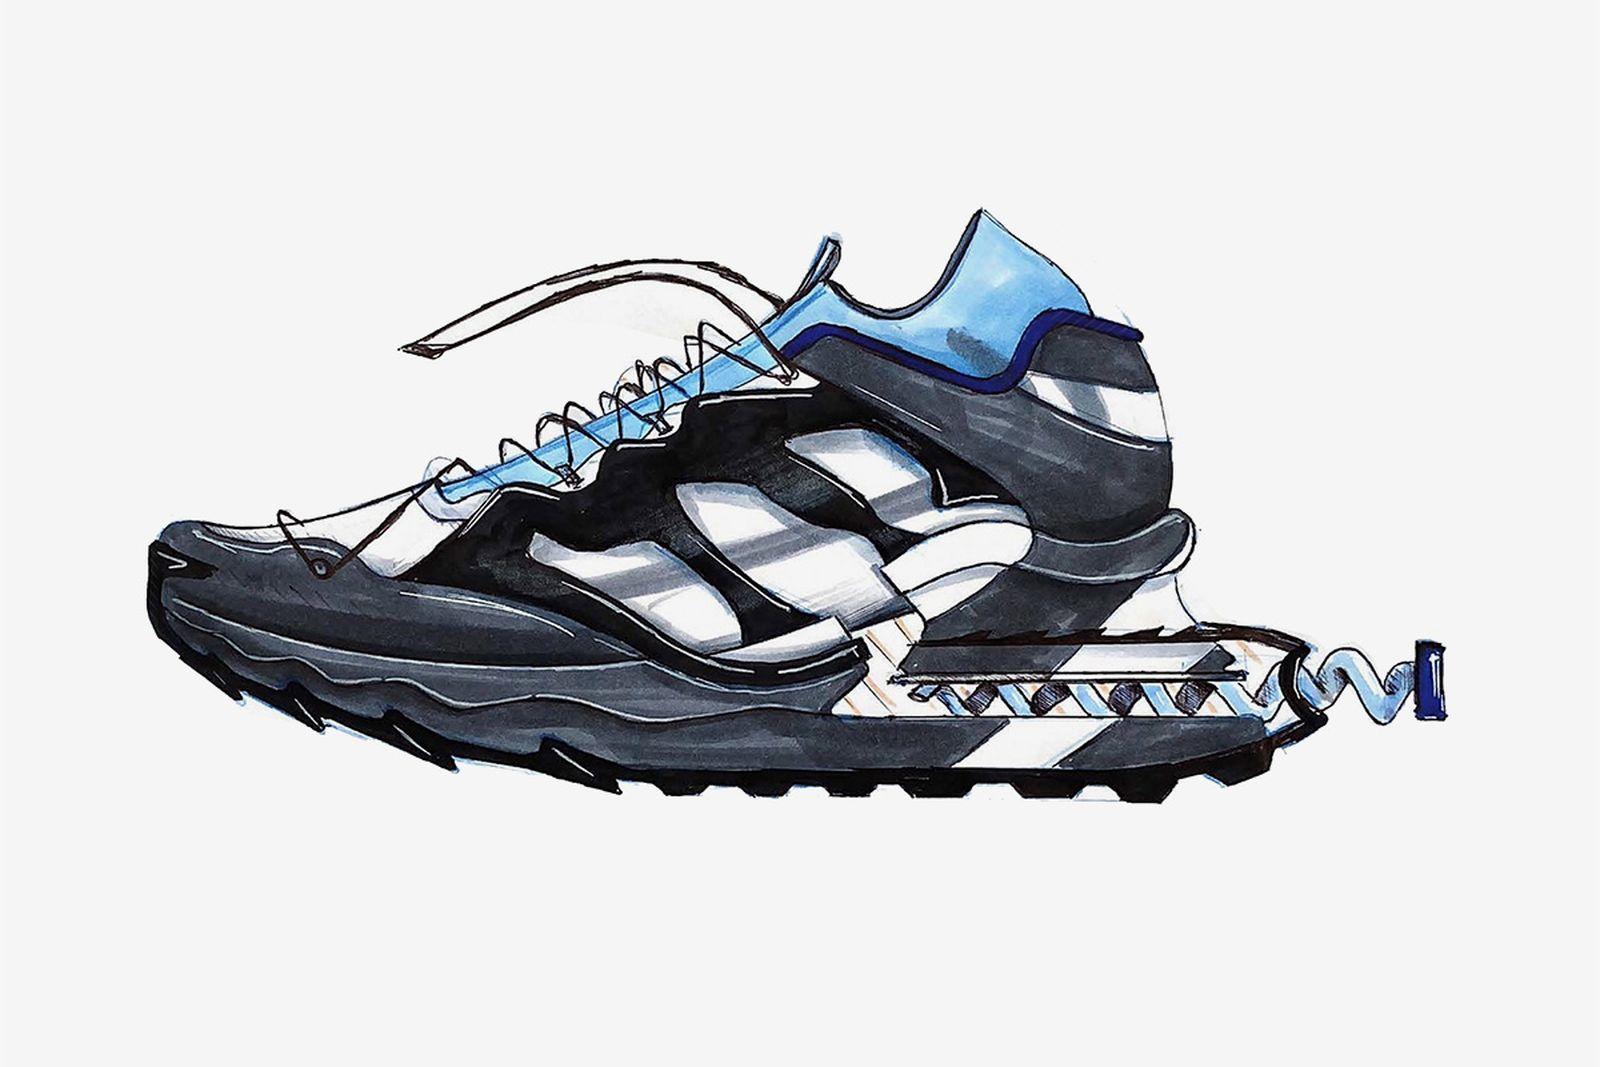 prospect-100-sneaker-design-winner-06